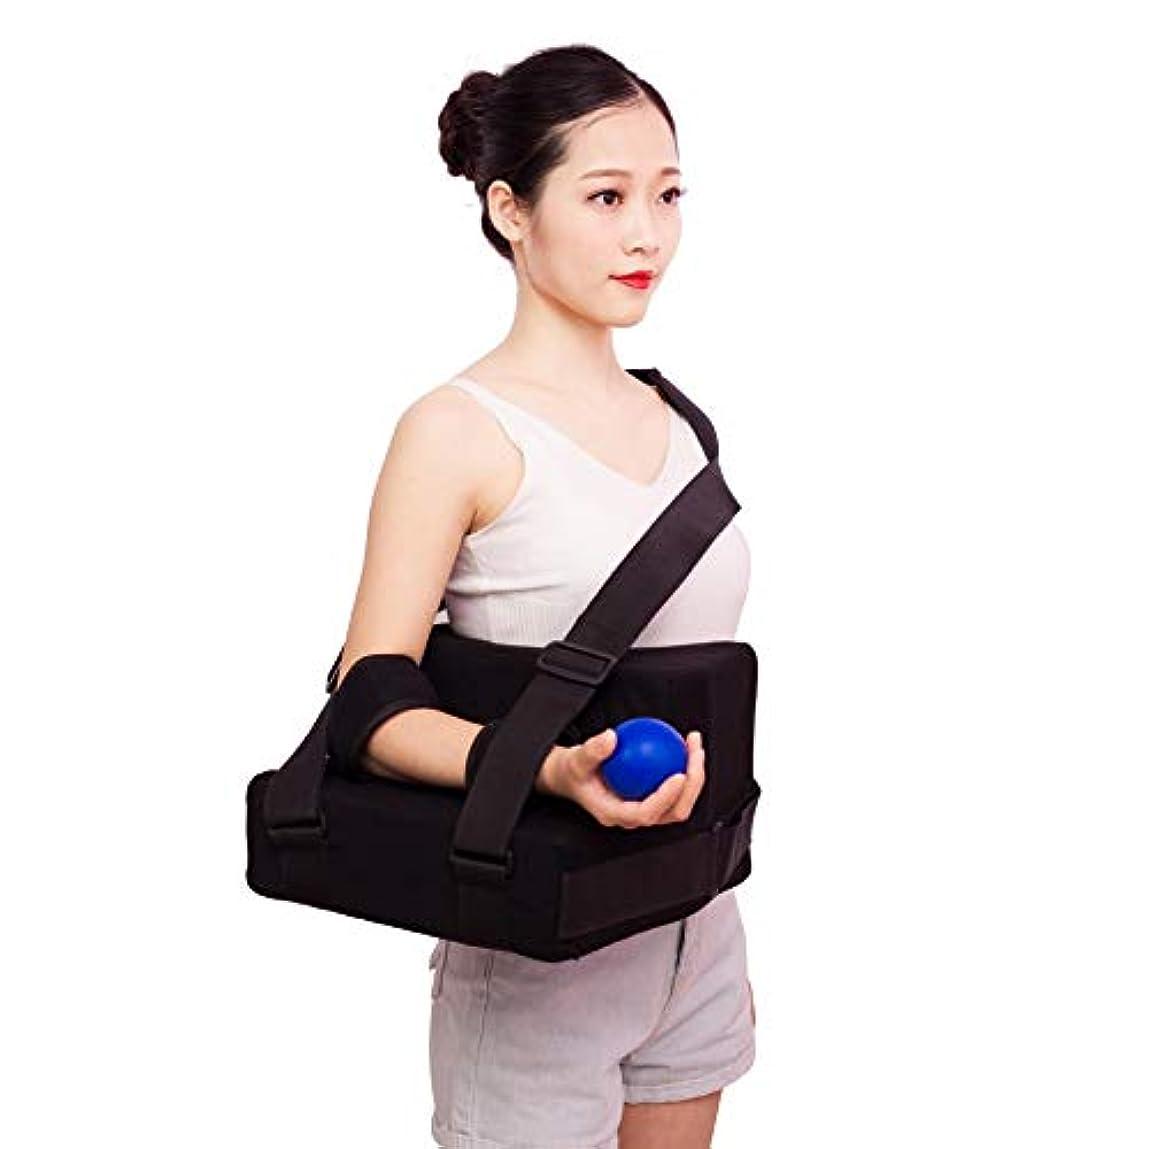 放置戦争粒枕付き肩外転スリング、肩アームイモビライザーには、ポケットストラップ、回旋腱板用のストレスボール、手術および骨折した腕が含まれます,R